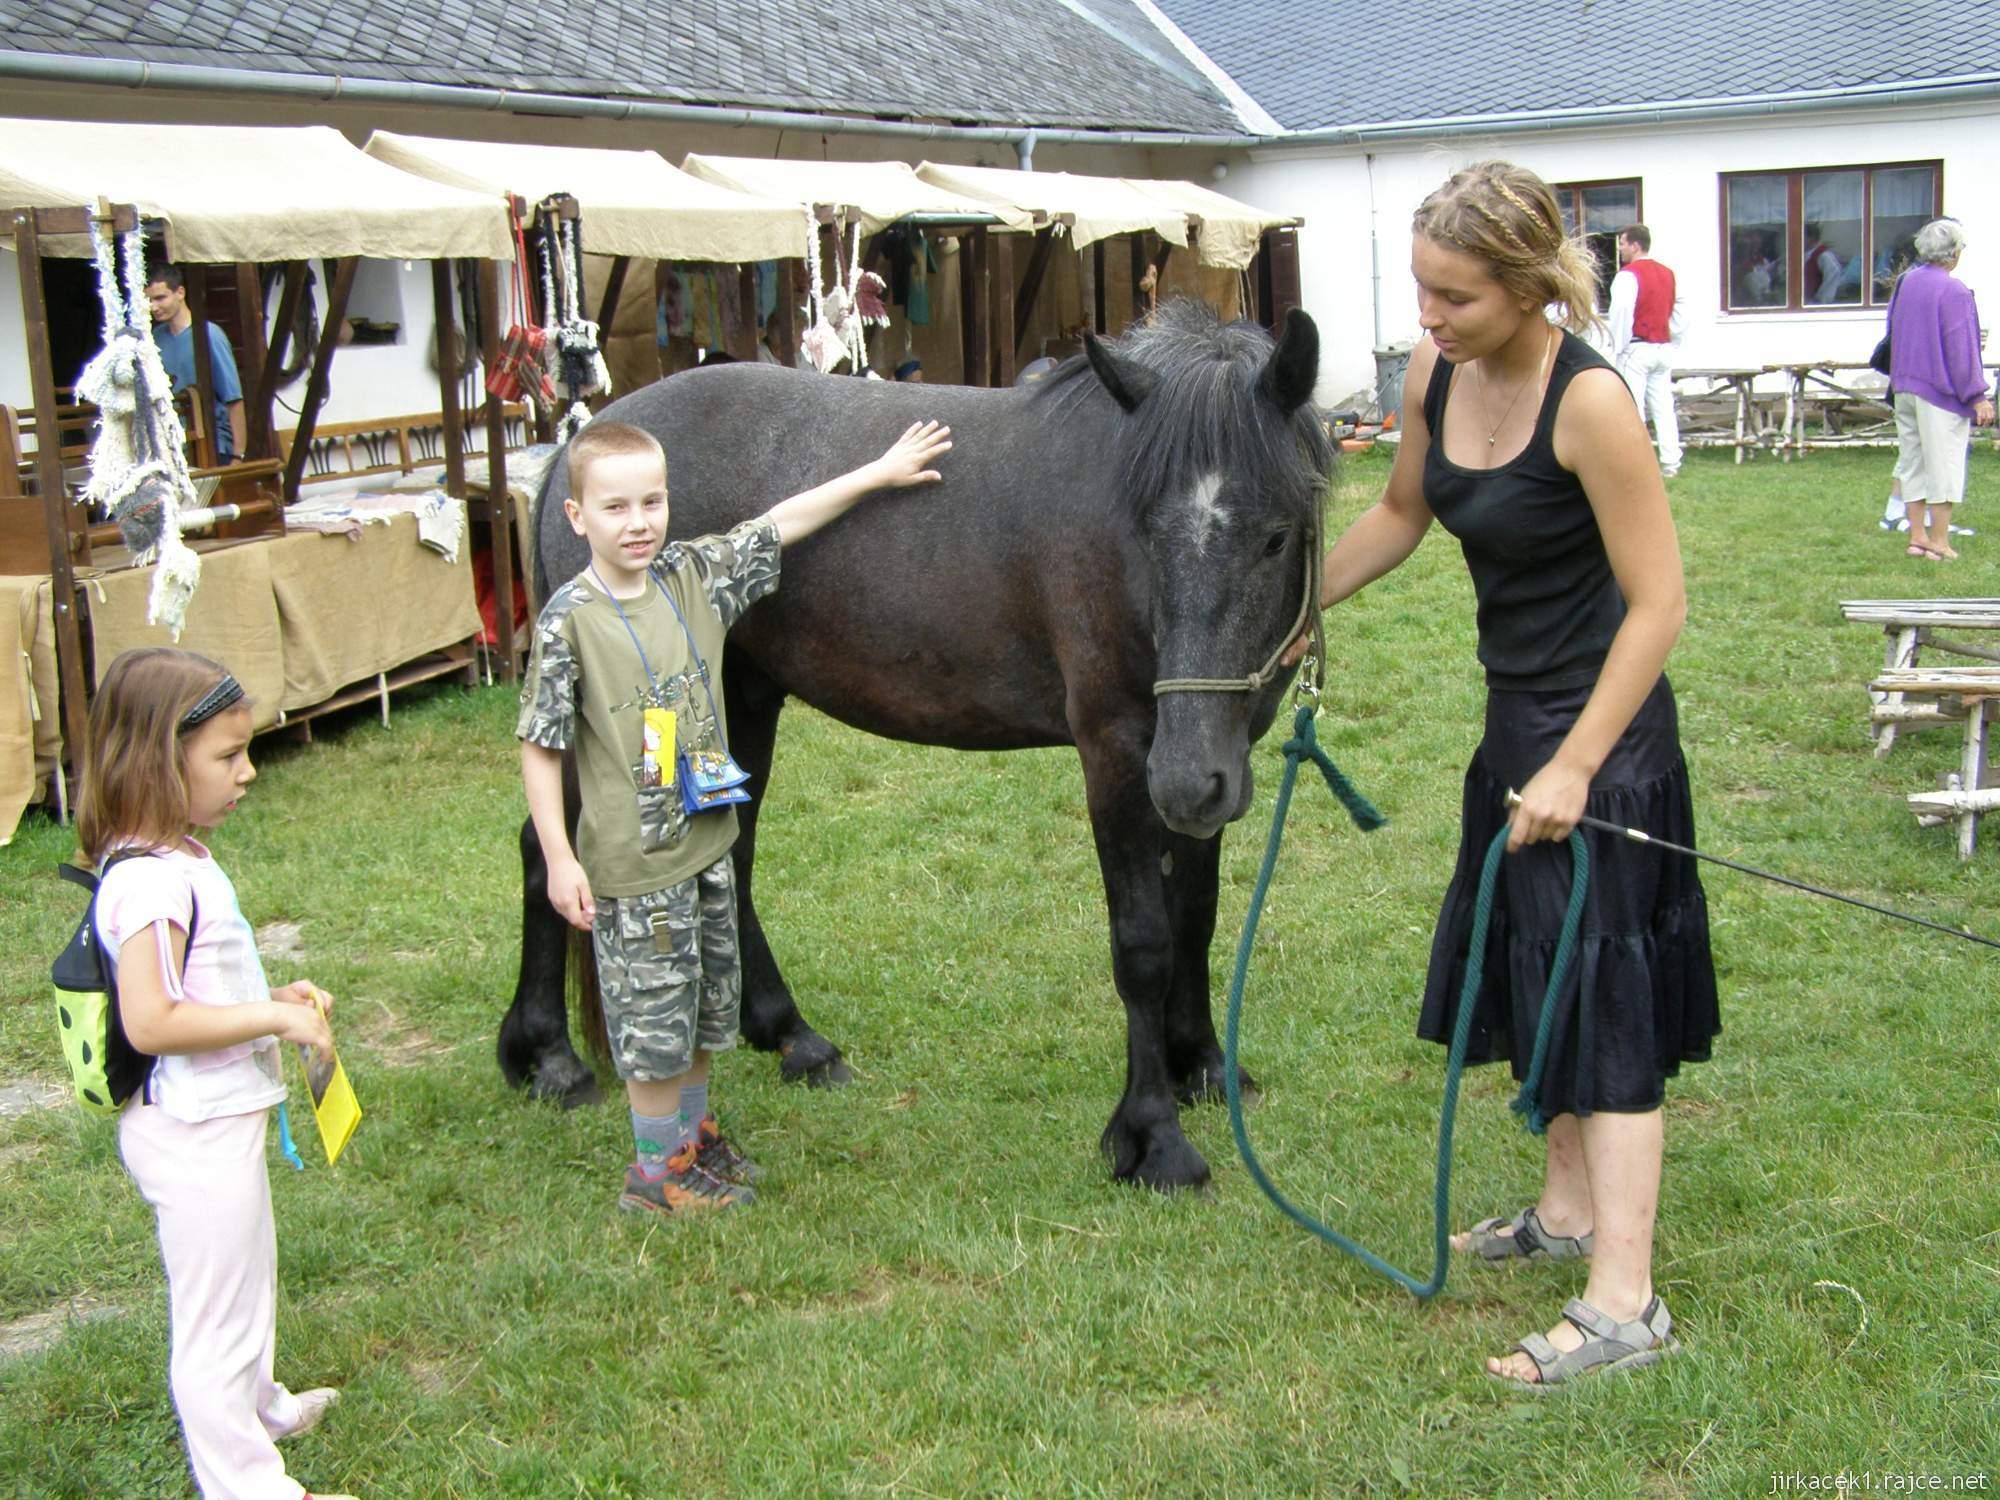 Hanácké skanzen Příkazy - kůň na nádvoří